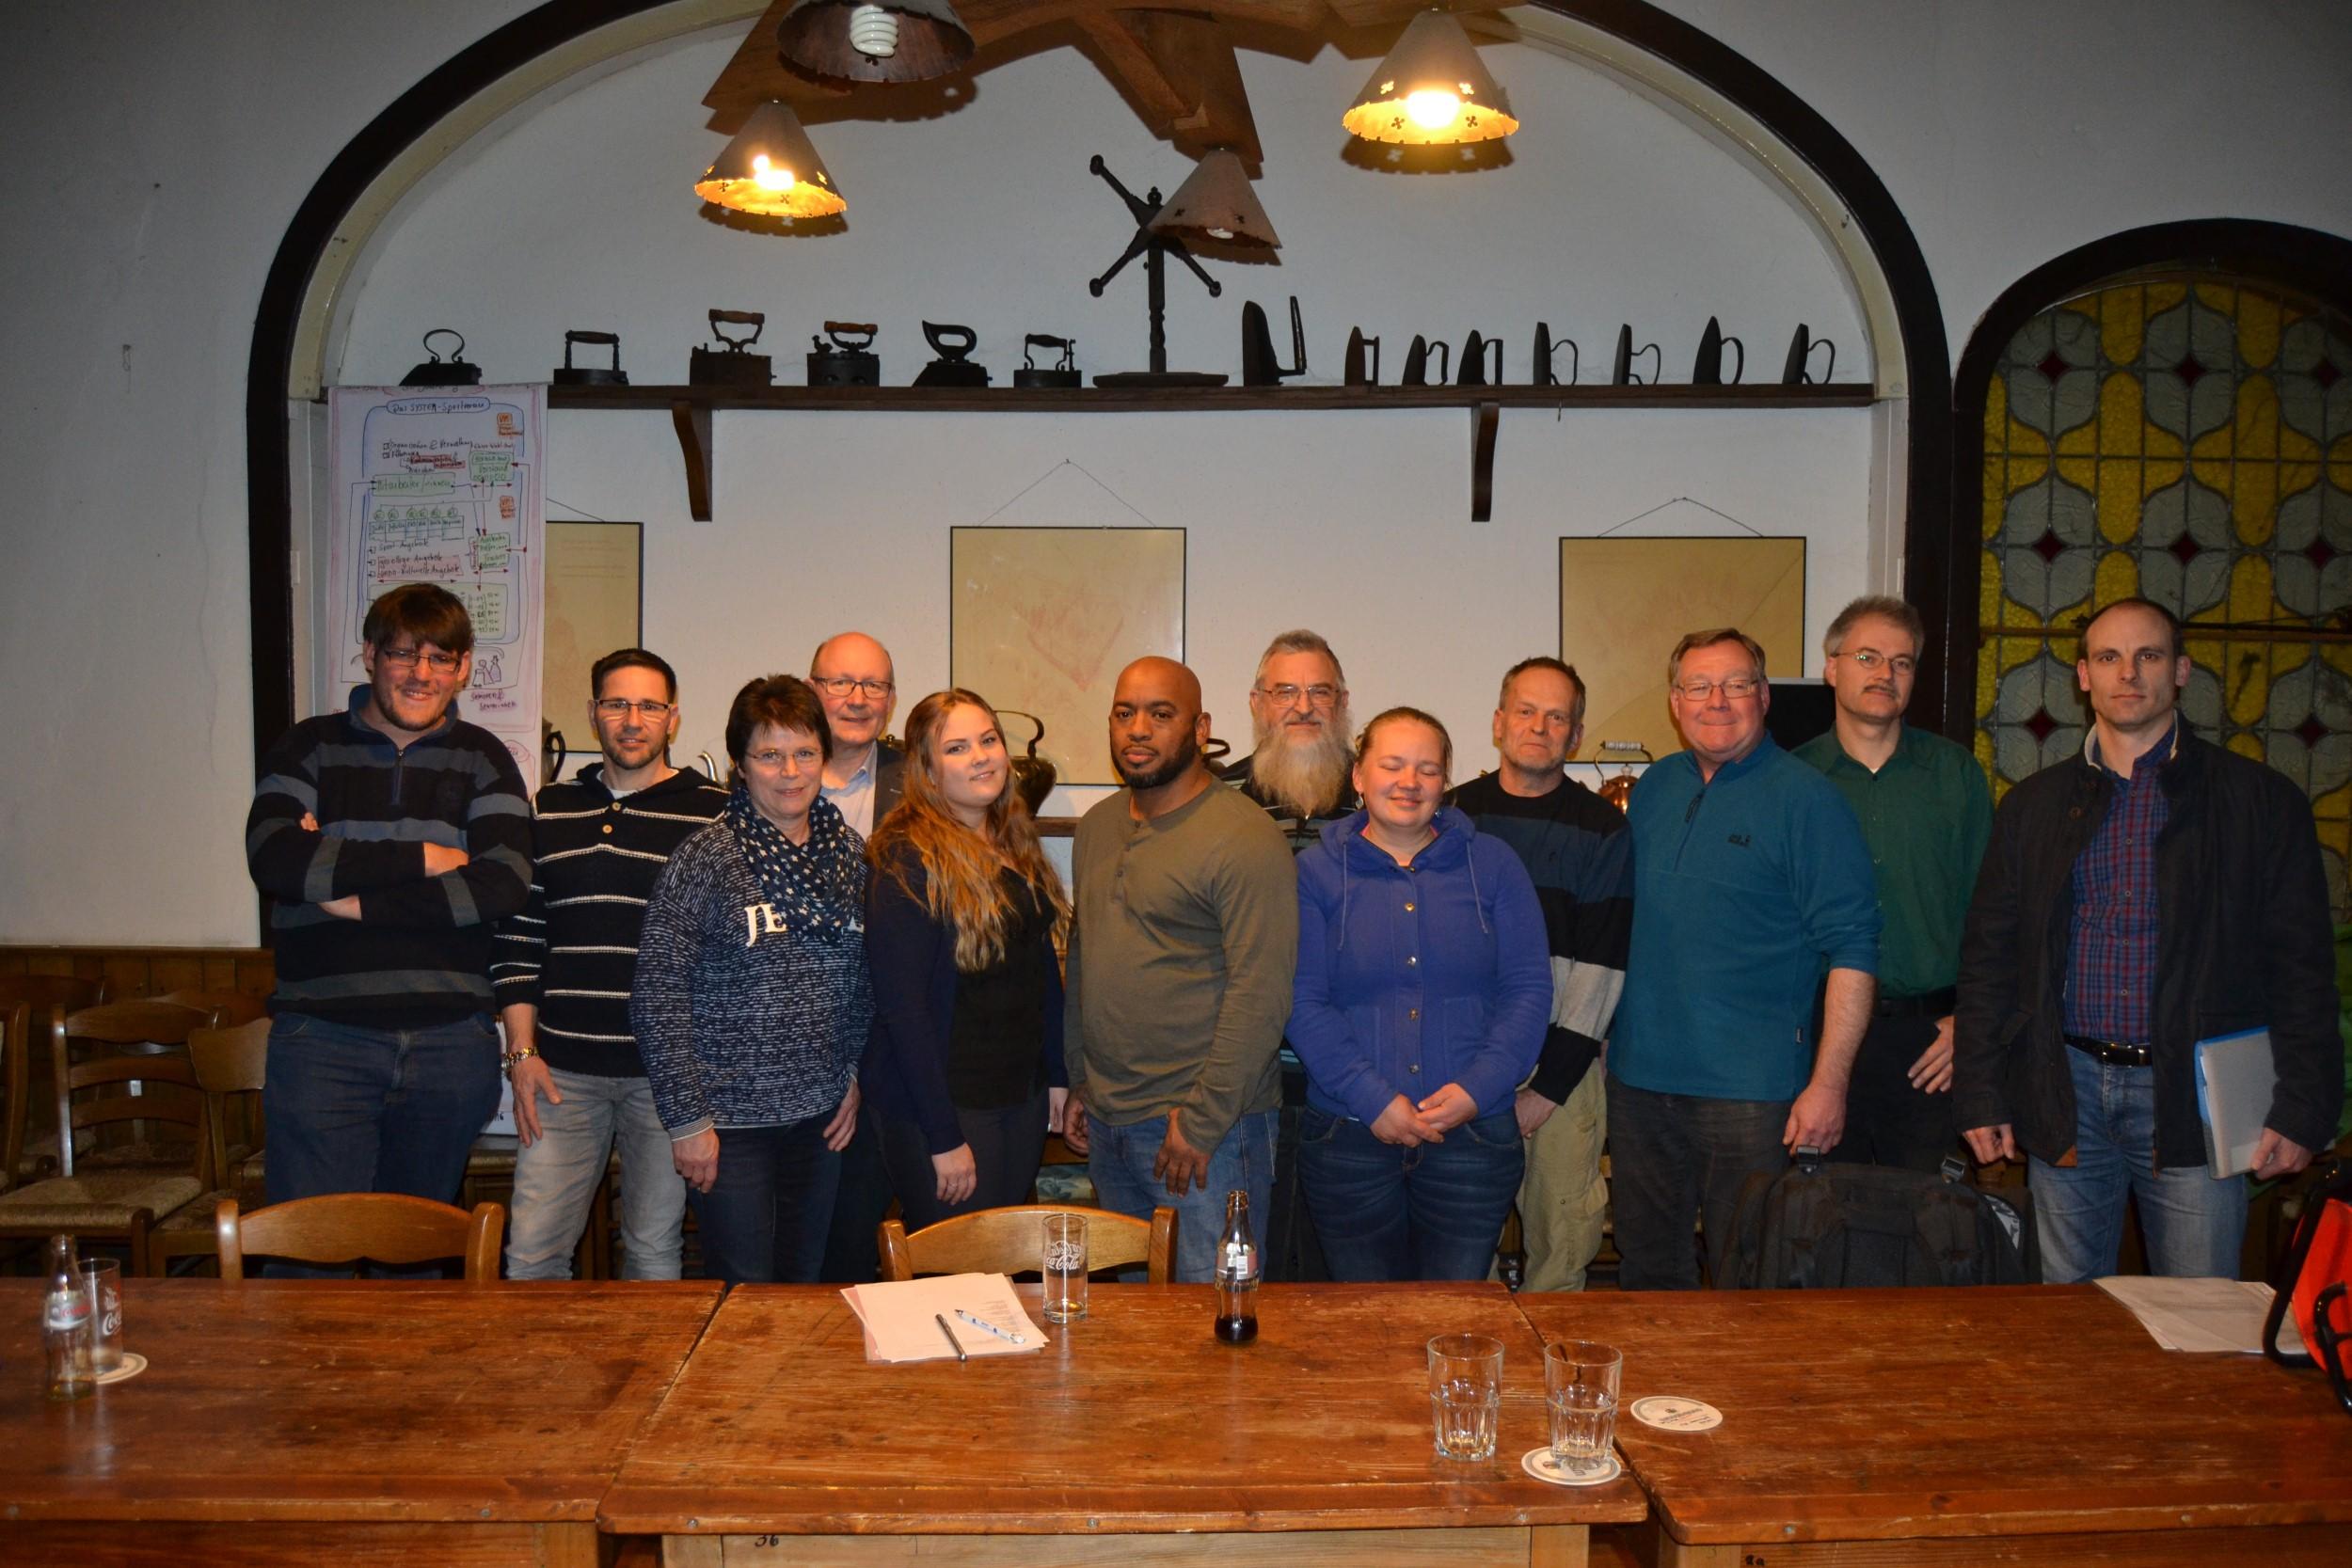 Jahreshauptversammlung 2016 des Judo Sportverein Lippstadt e.V. Stehende Ovationen für das Gründungsmitglied Hubert Nieuwdorp